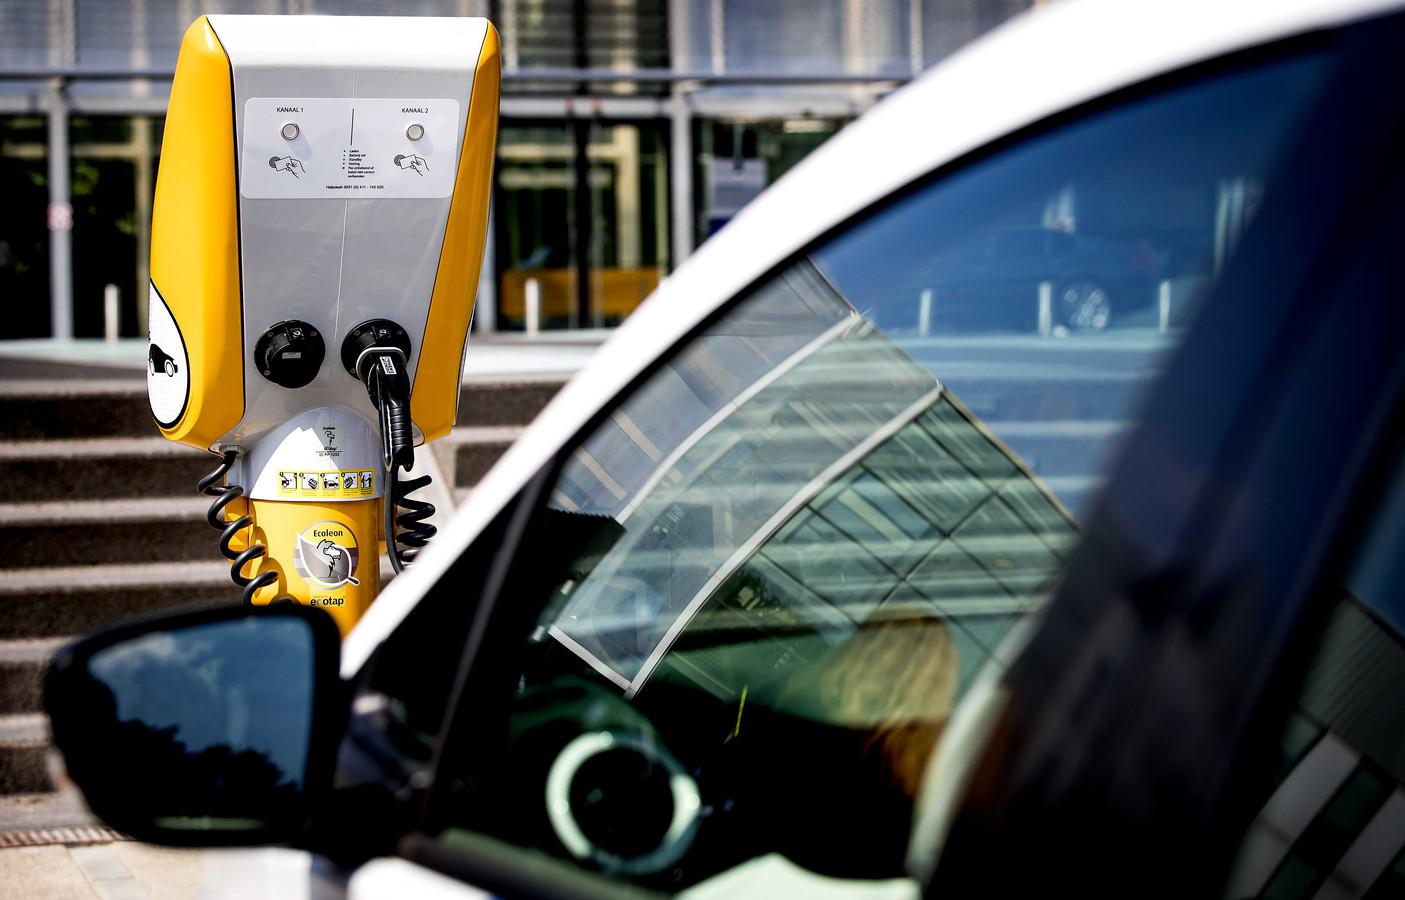 2018-07-12 11:01:48 UTRECHT - Een elektrische auto van Rijkswaterstaat aangesloten op een laadpraatpaal. Een deel van de praatpalen die vorig jaar langs de snelwegen verdwenen, keert terug als laadpaal voor de elektrische dienstvoertuigen van Rijkswaterstaat. ANP KOEN VAN WEEL